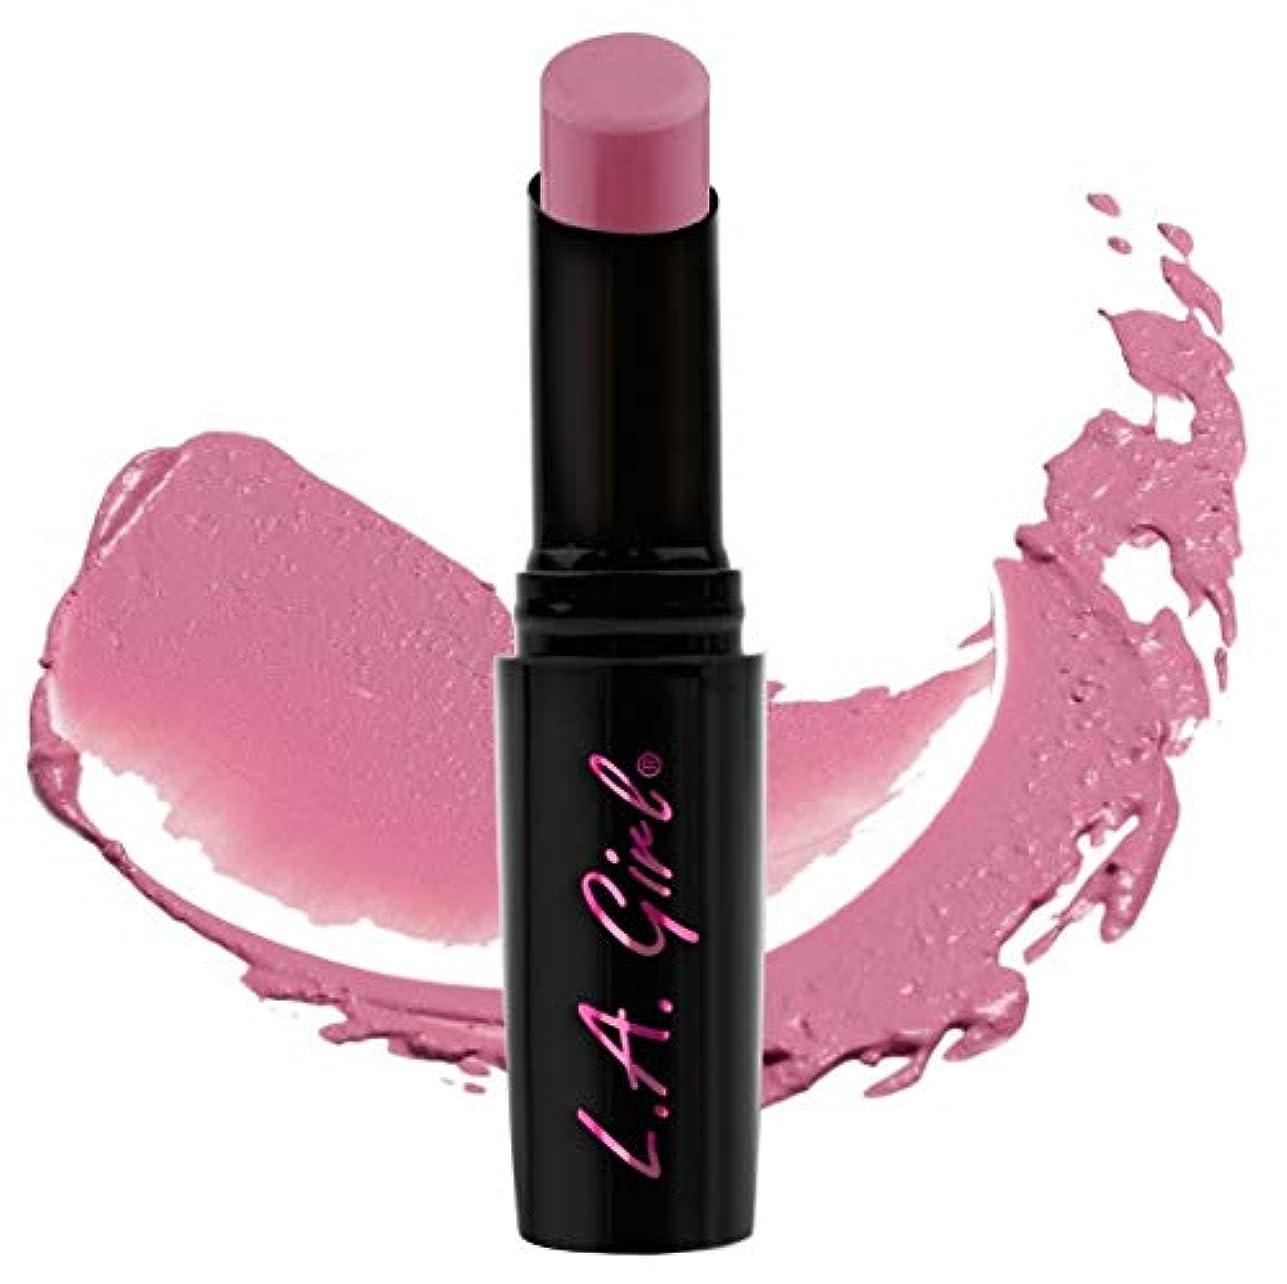 プリーツスーダン立法L.A.girl Luxury Creme Lipstick L.A.ガール クリームリップスティック (GLC538 Devoted)